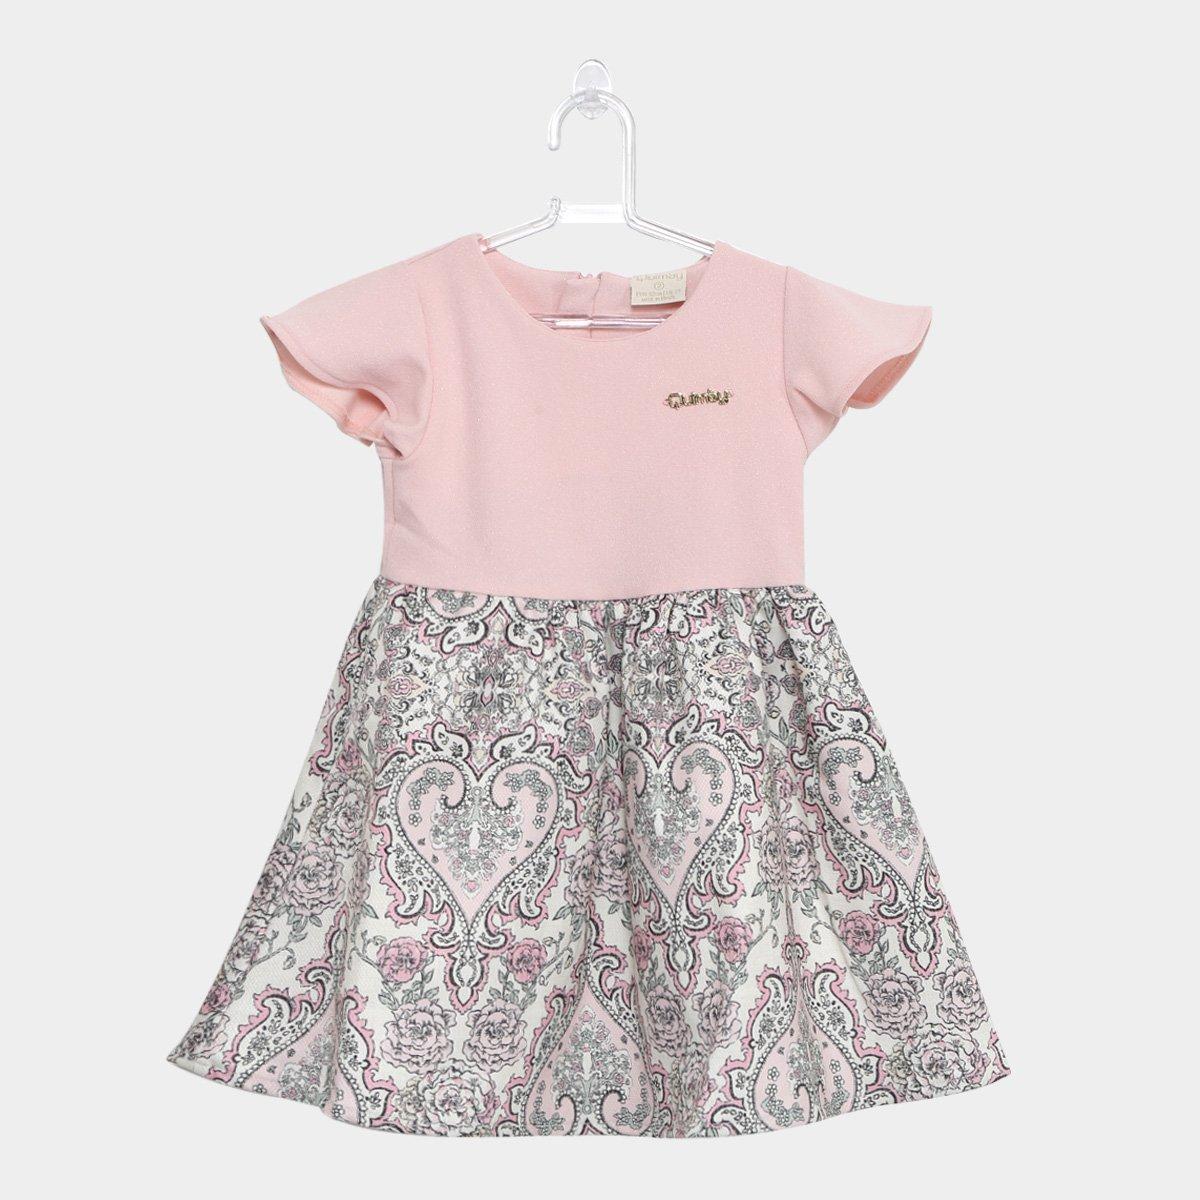 498f183159 Vestido Infantil Quimby Evasê Curto Estampado